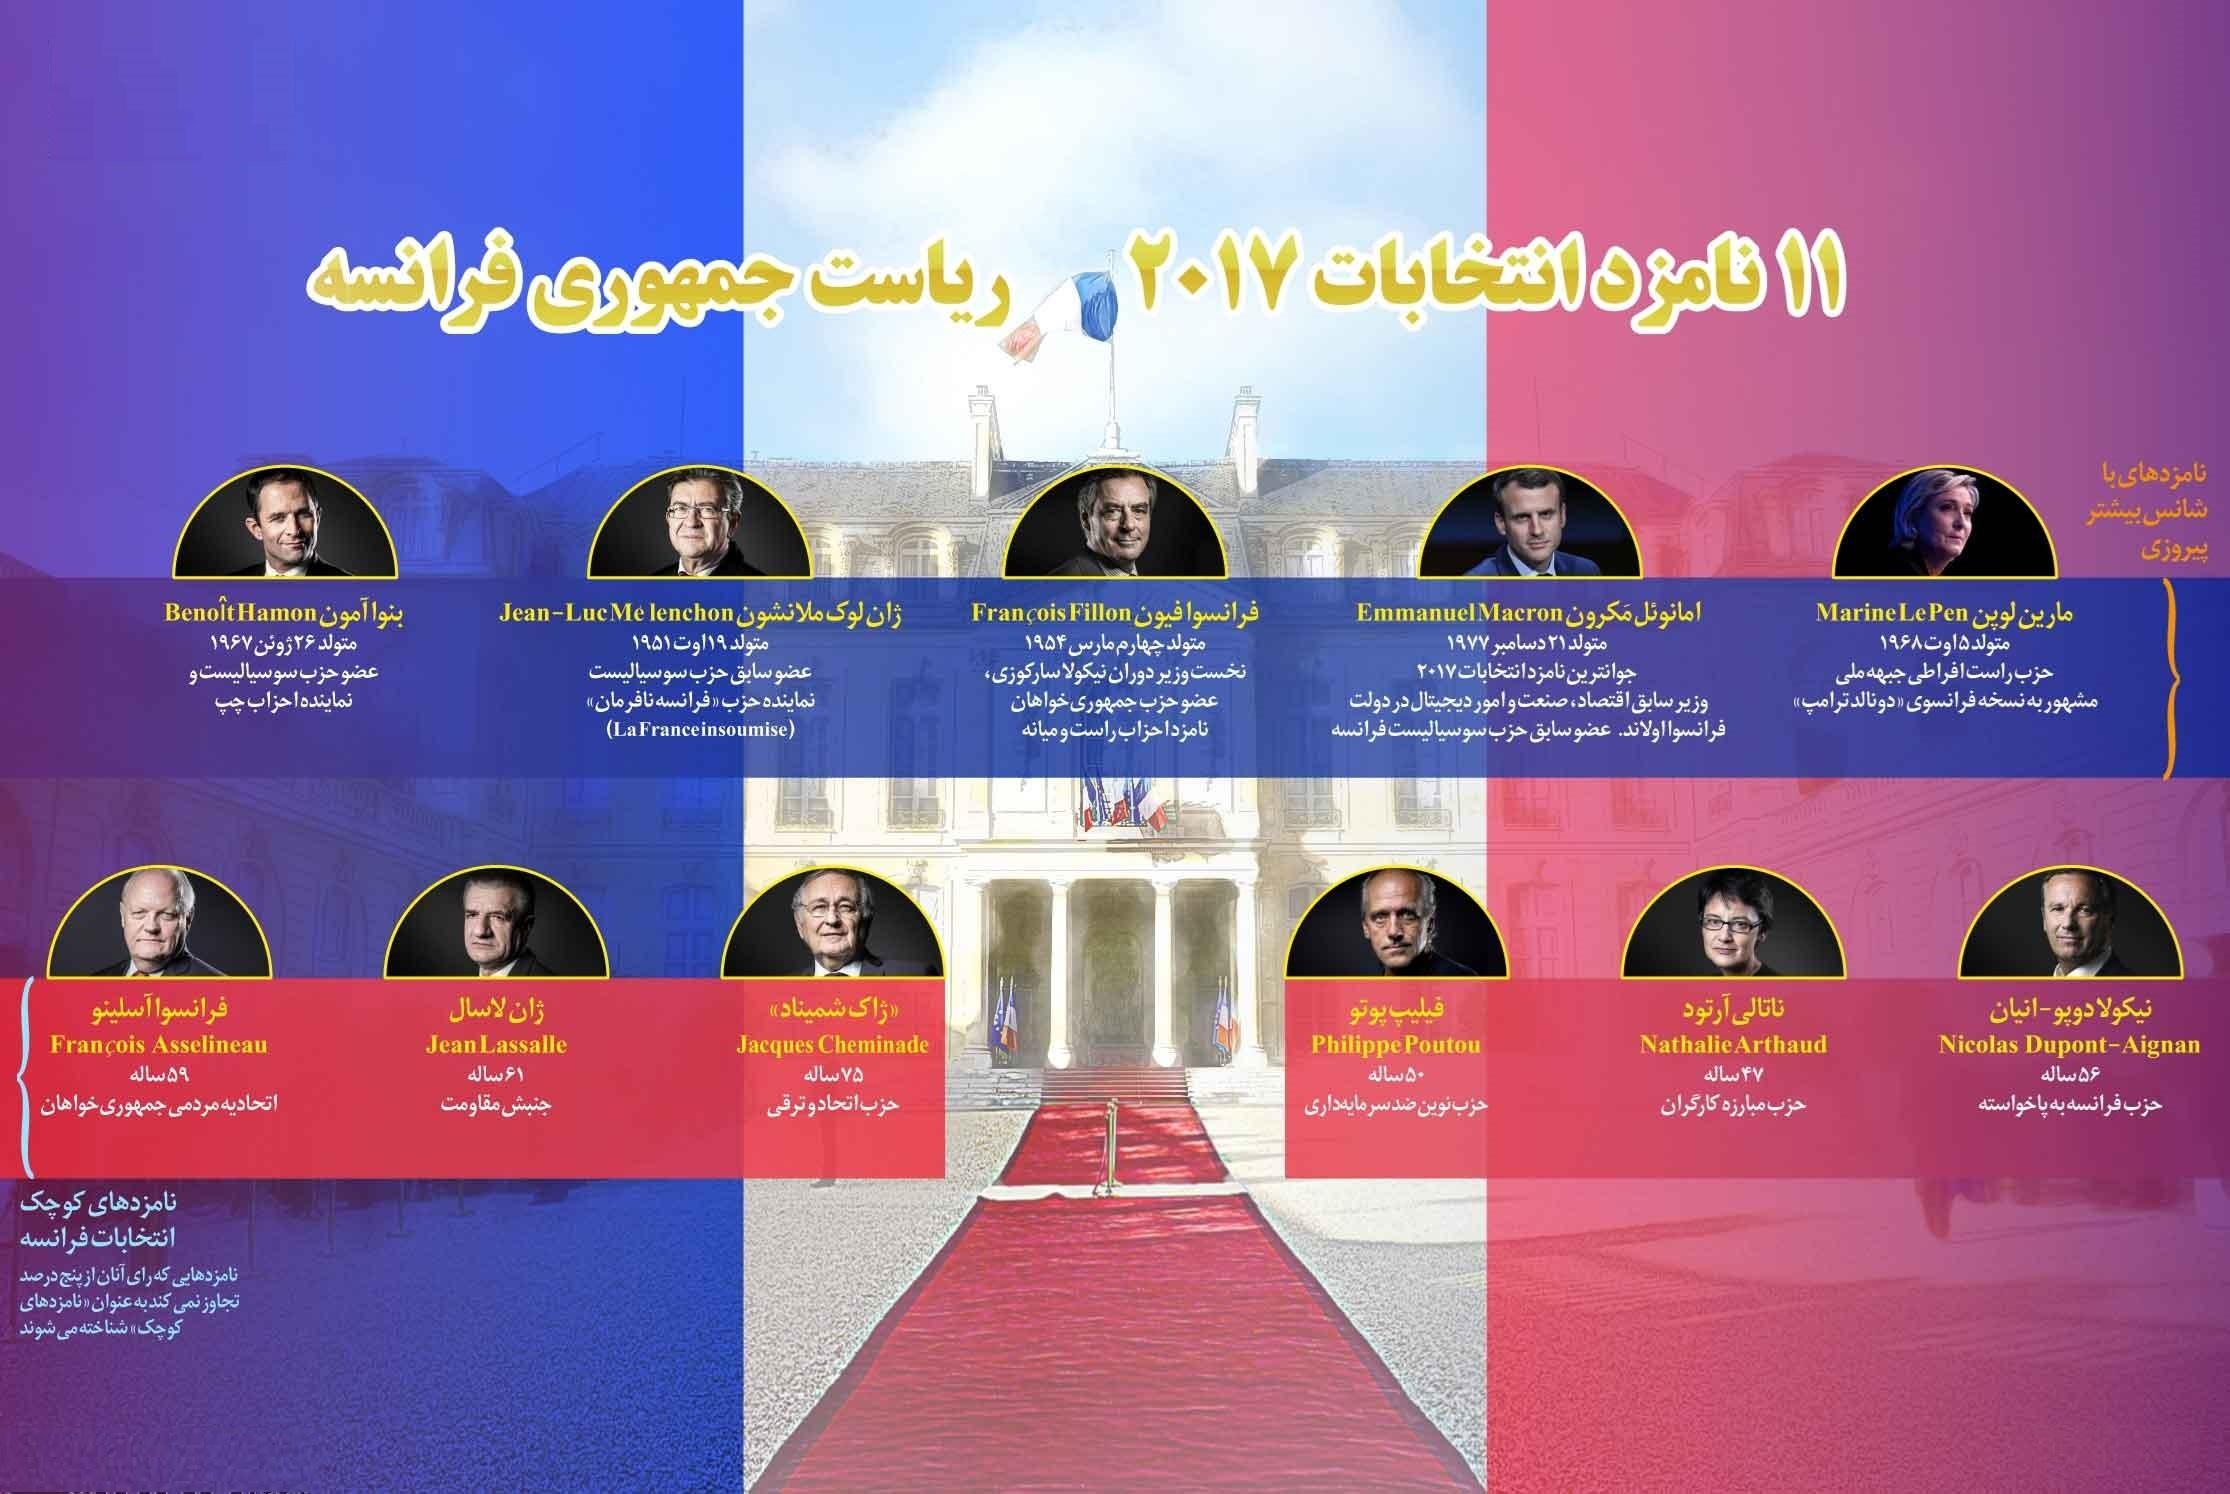 دانستنیهایی از ۱۱ نامزد ریاستجمهوری فرانسه